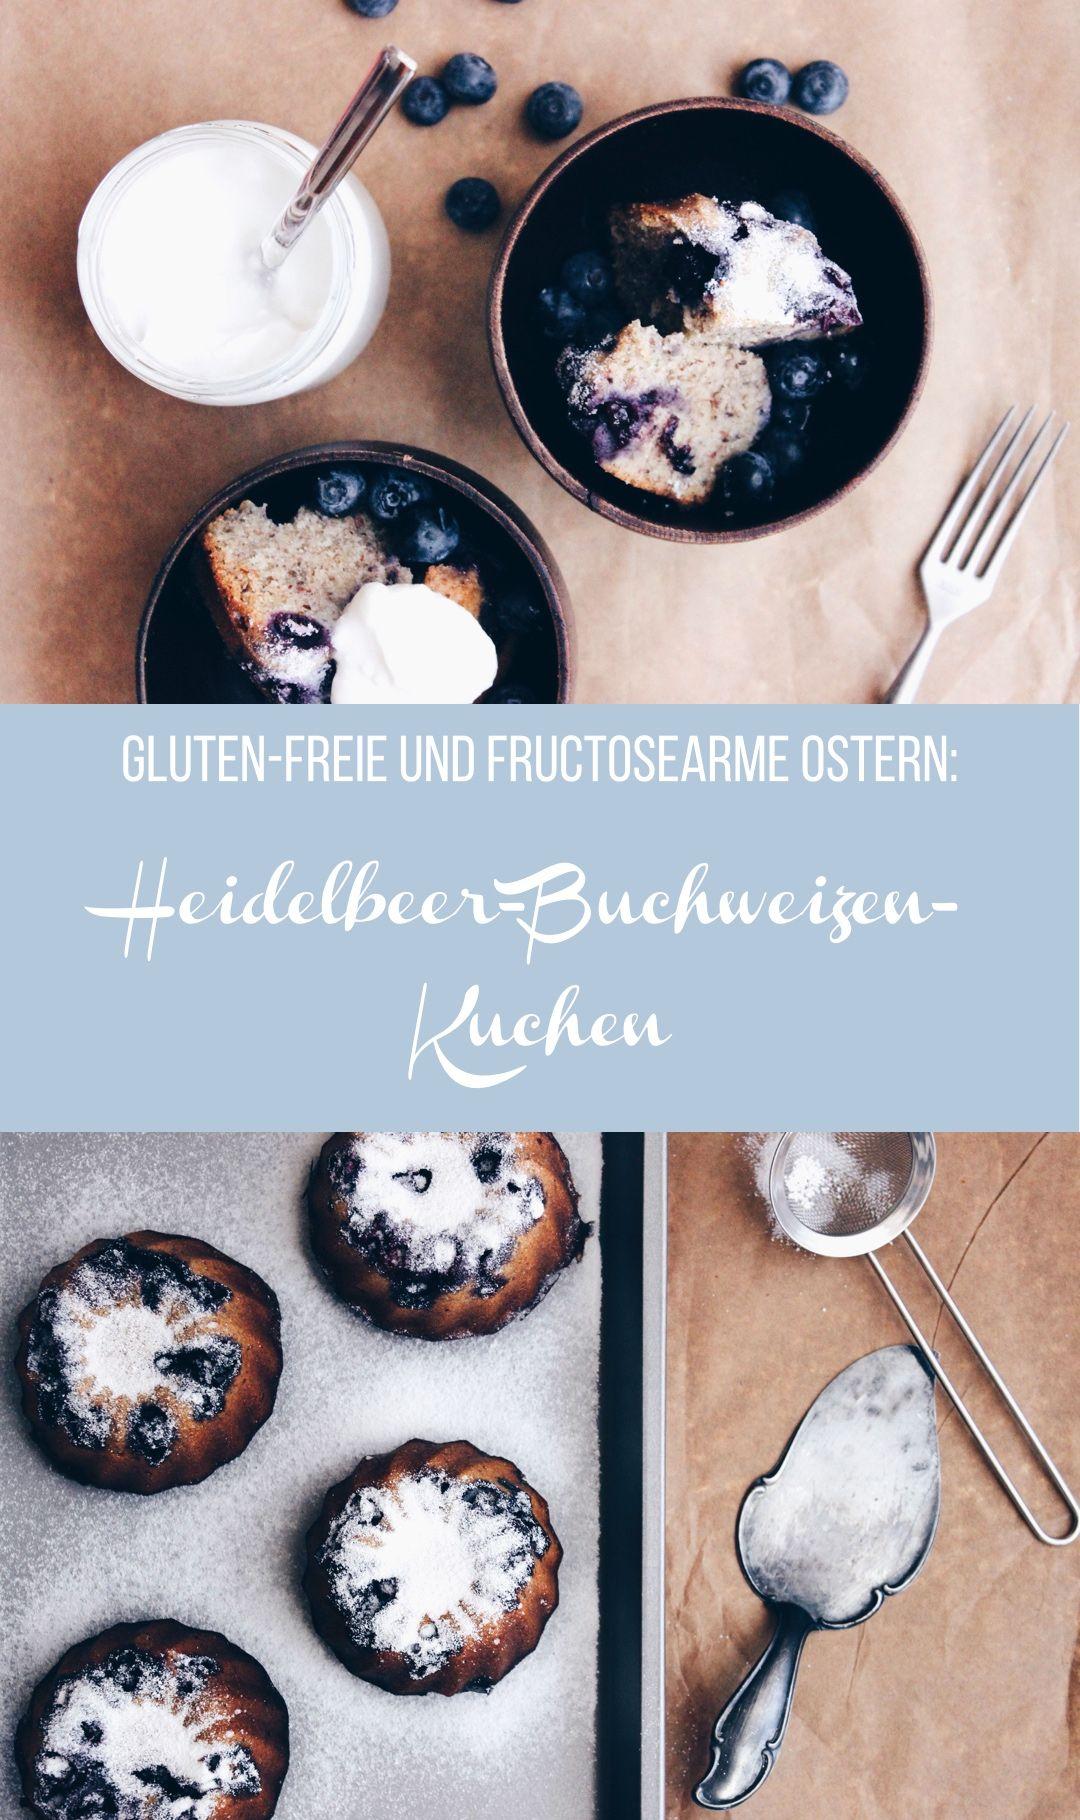 Gluten freie Ostern Fructosearmer Heidelbeer Buchweizen Kuchen mit Zitronencreme by